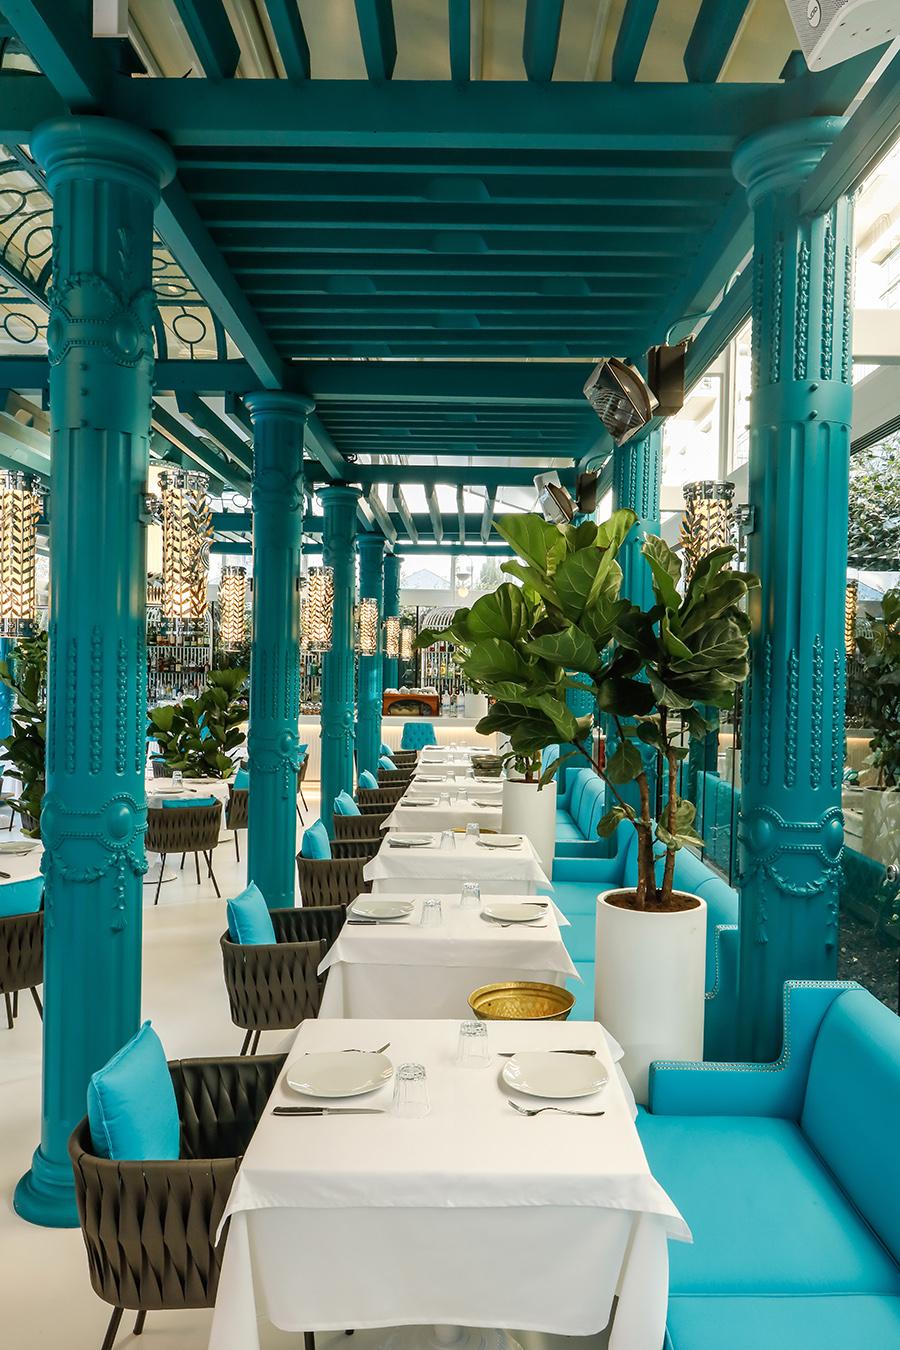 отель турция стамбул дорогой роскошный Park Hyatt Istanbul – Macka Palas где остановиться в турции